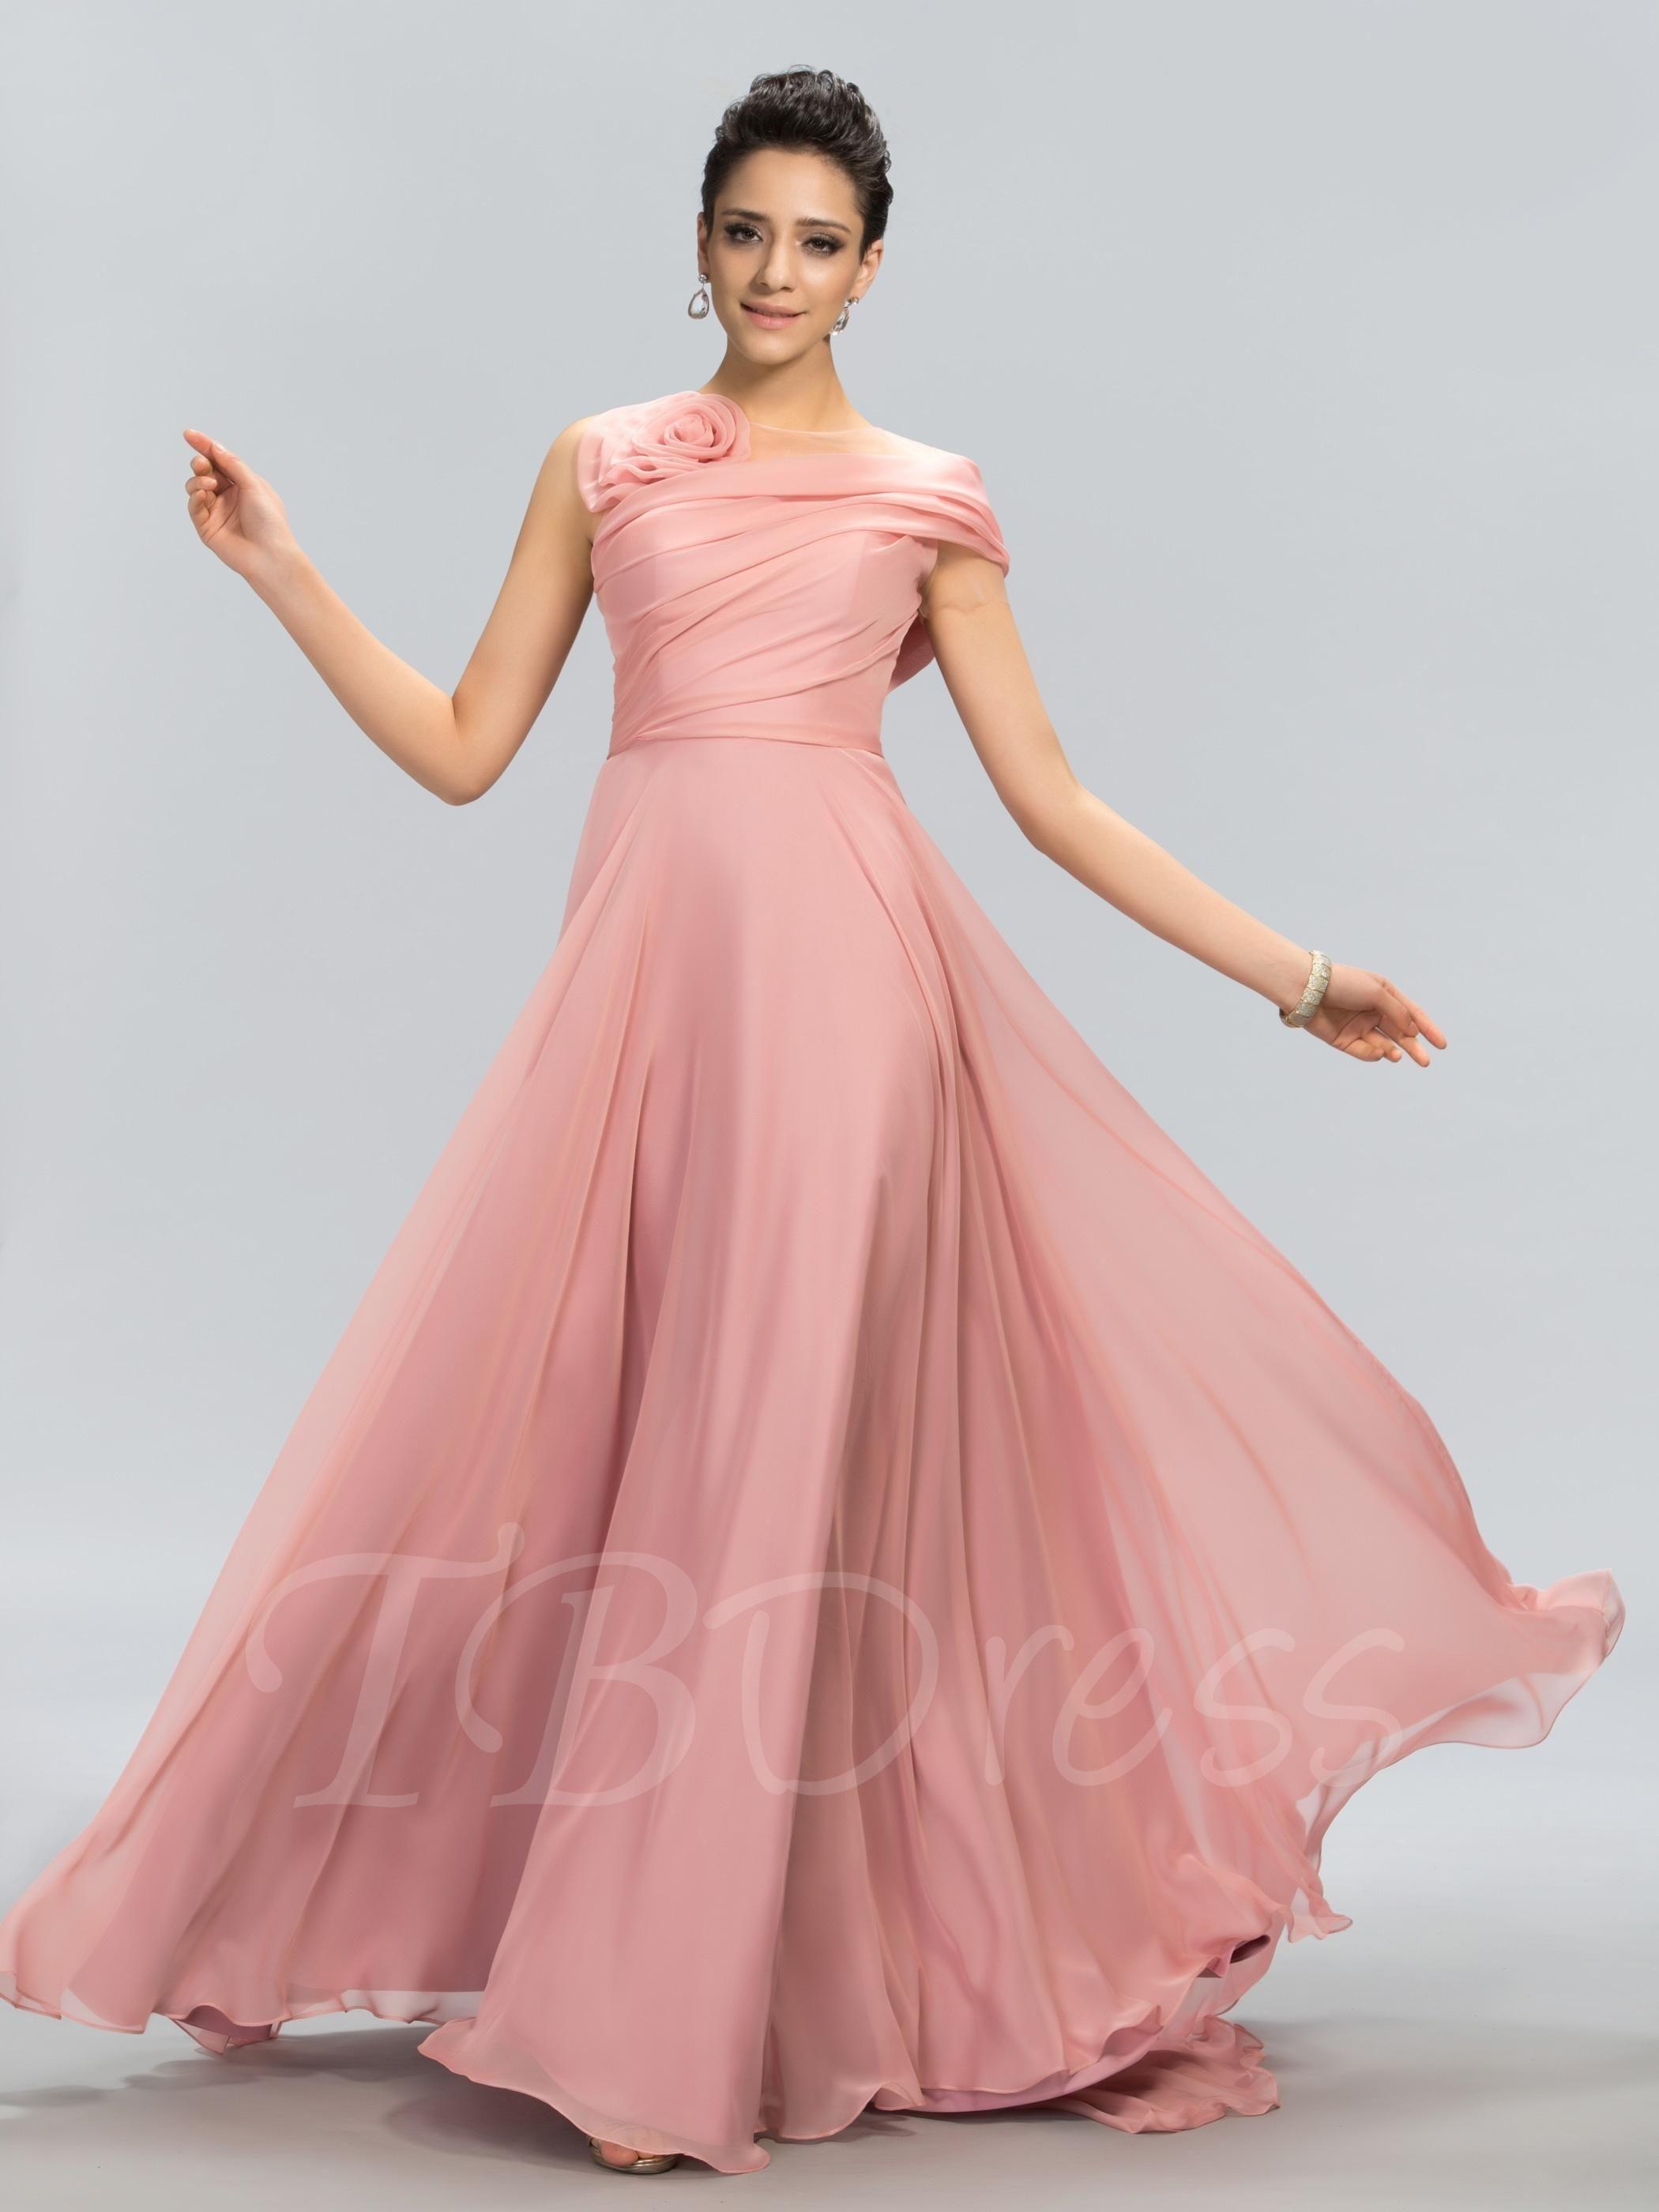 Dorable Prom Diseñador Del Vestido En Línea Molde - Colección de ...